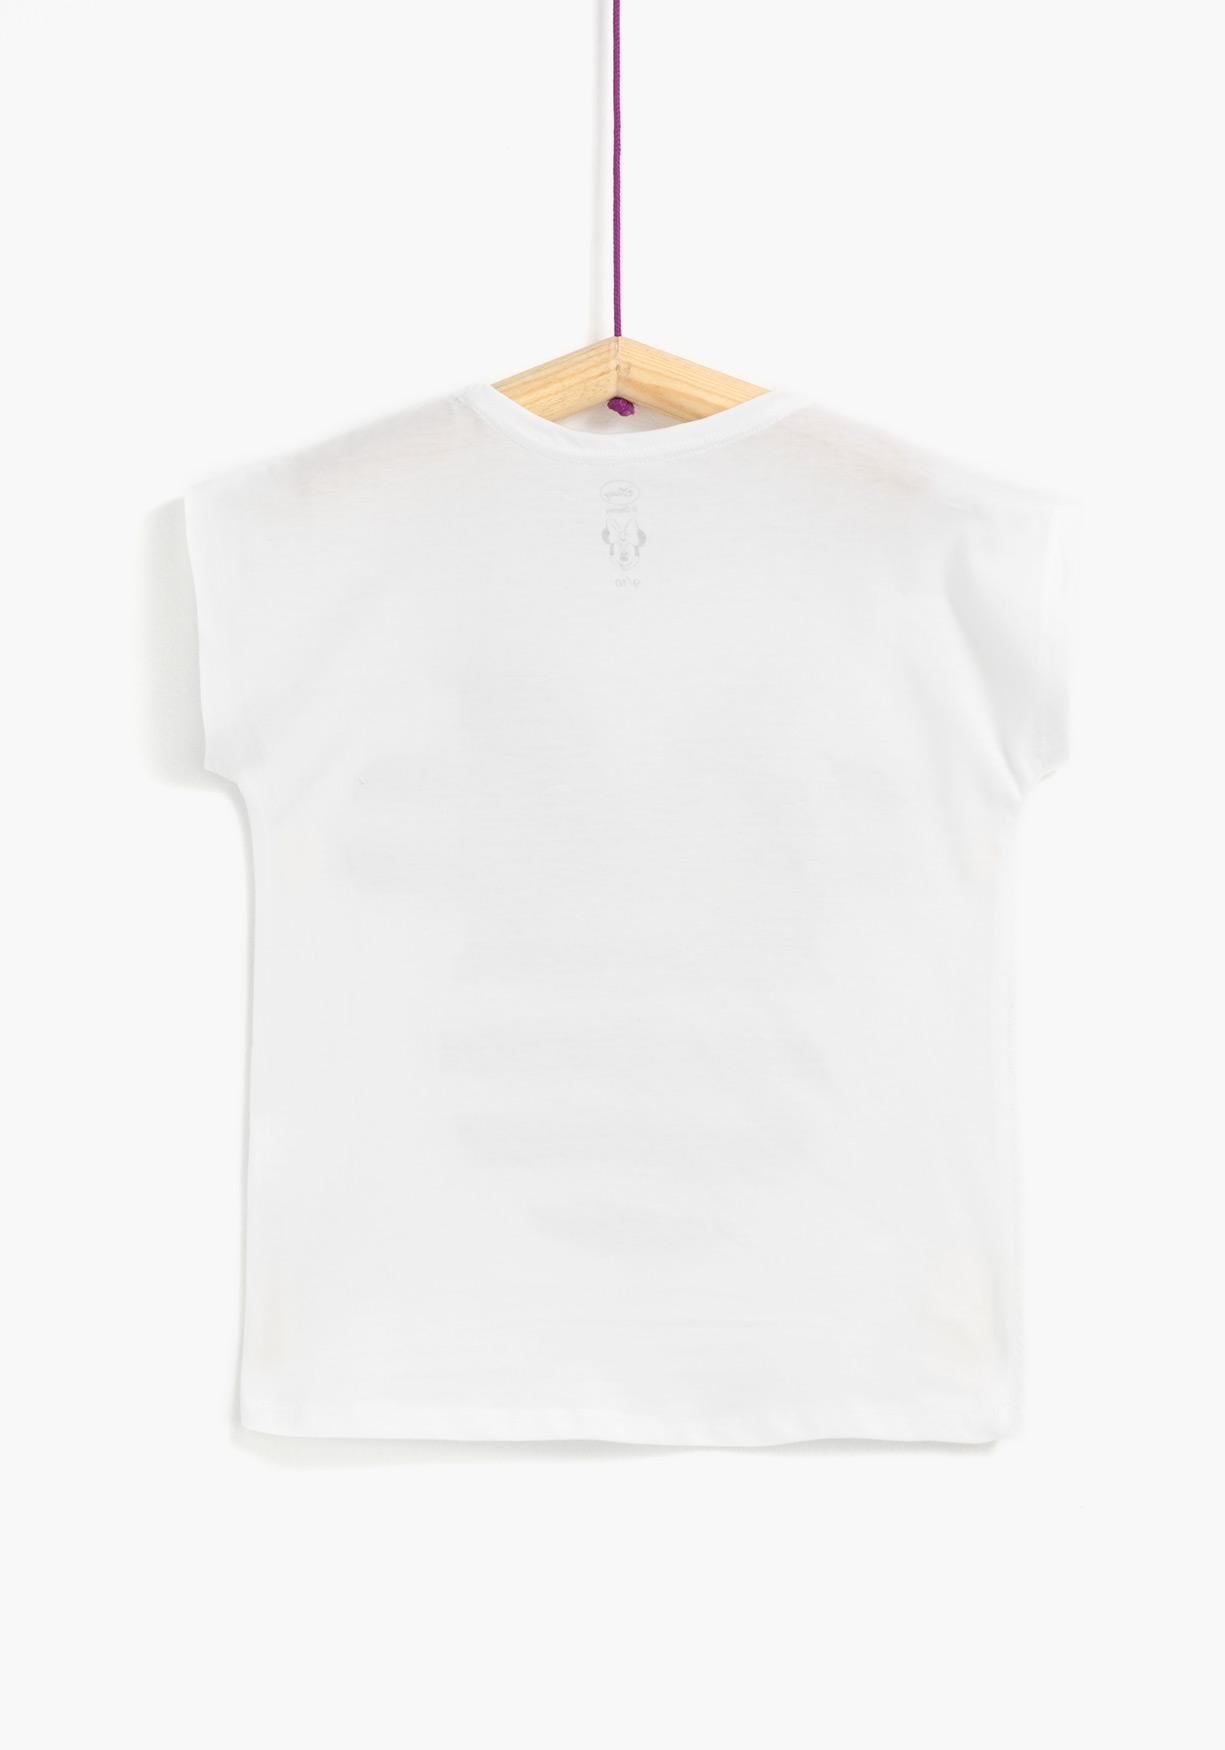 Comprar Camiseta con lentejuelas reversibles Minnie de DISNEY ... f04c22455a4